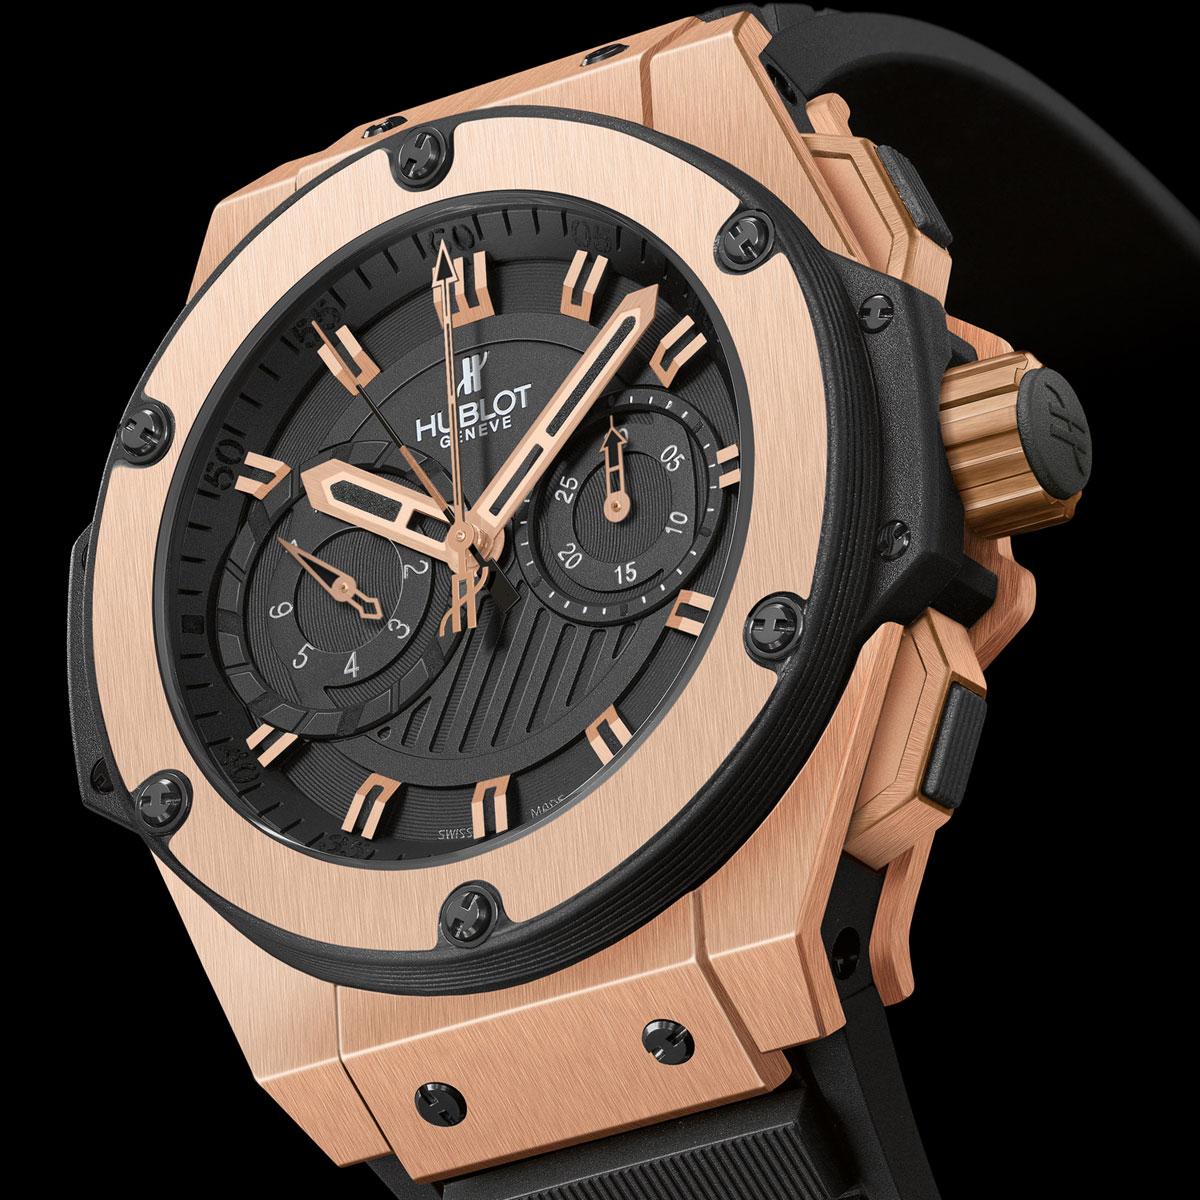 96c2d1e9ad3 Réplica do relógio Hublot King Power Dourado